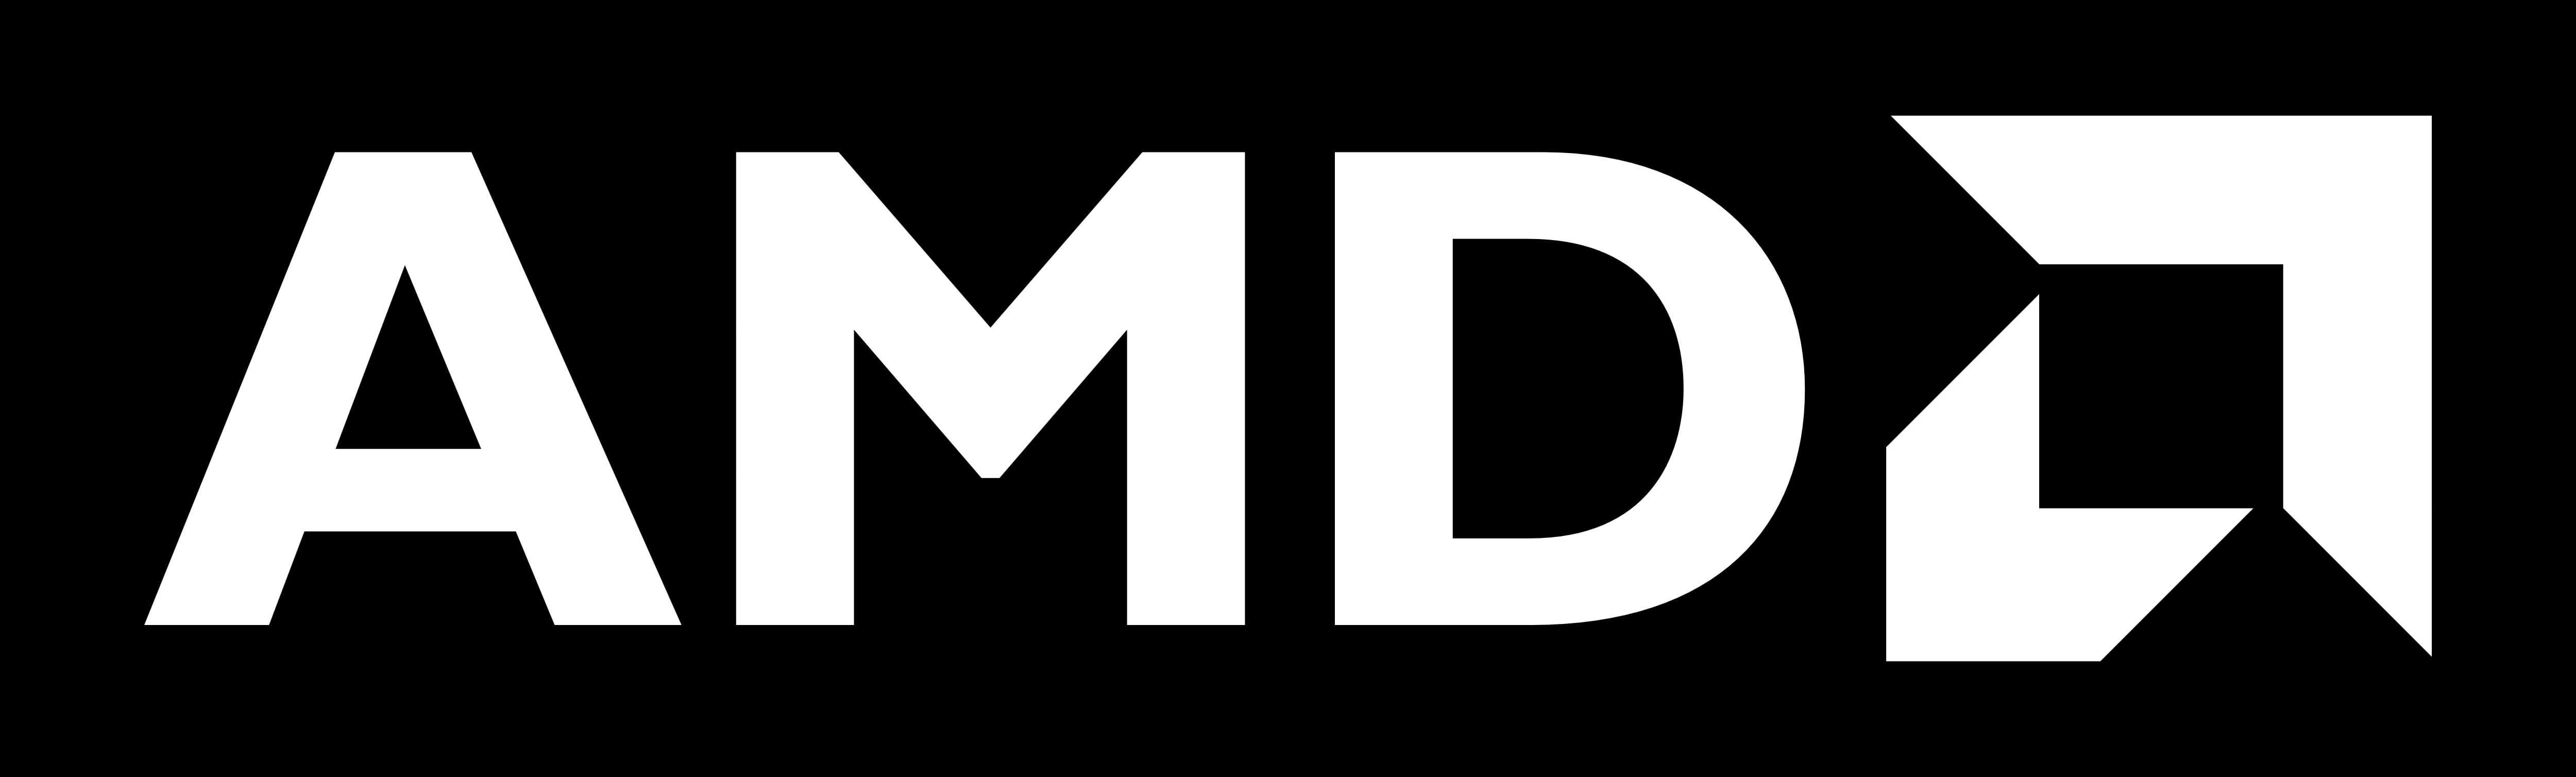 Amd Logos Download